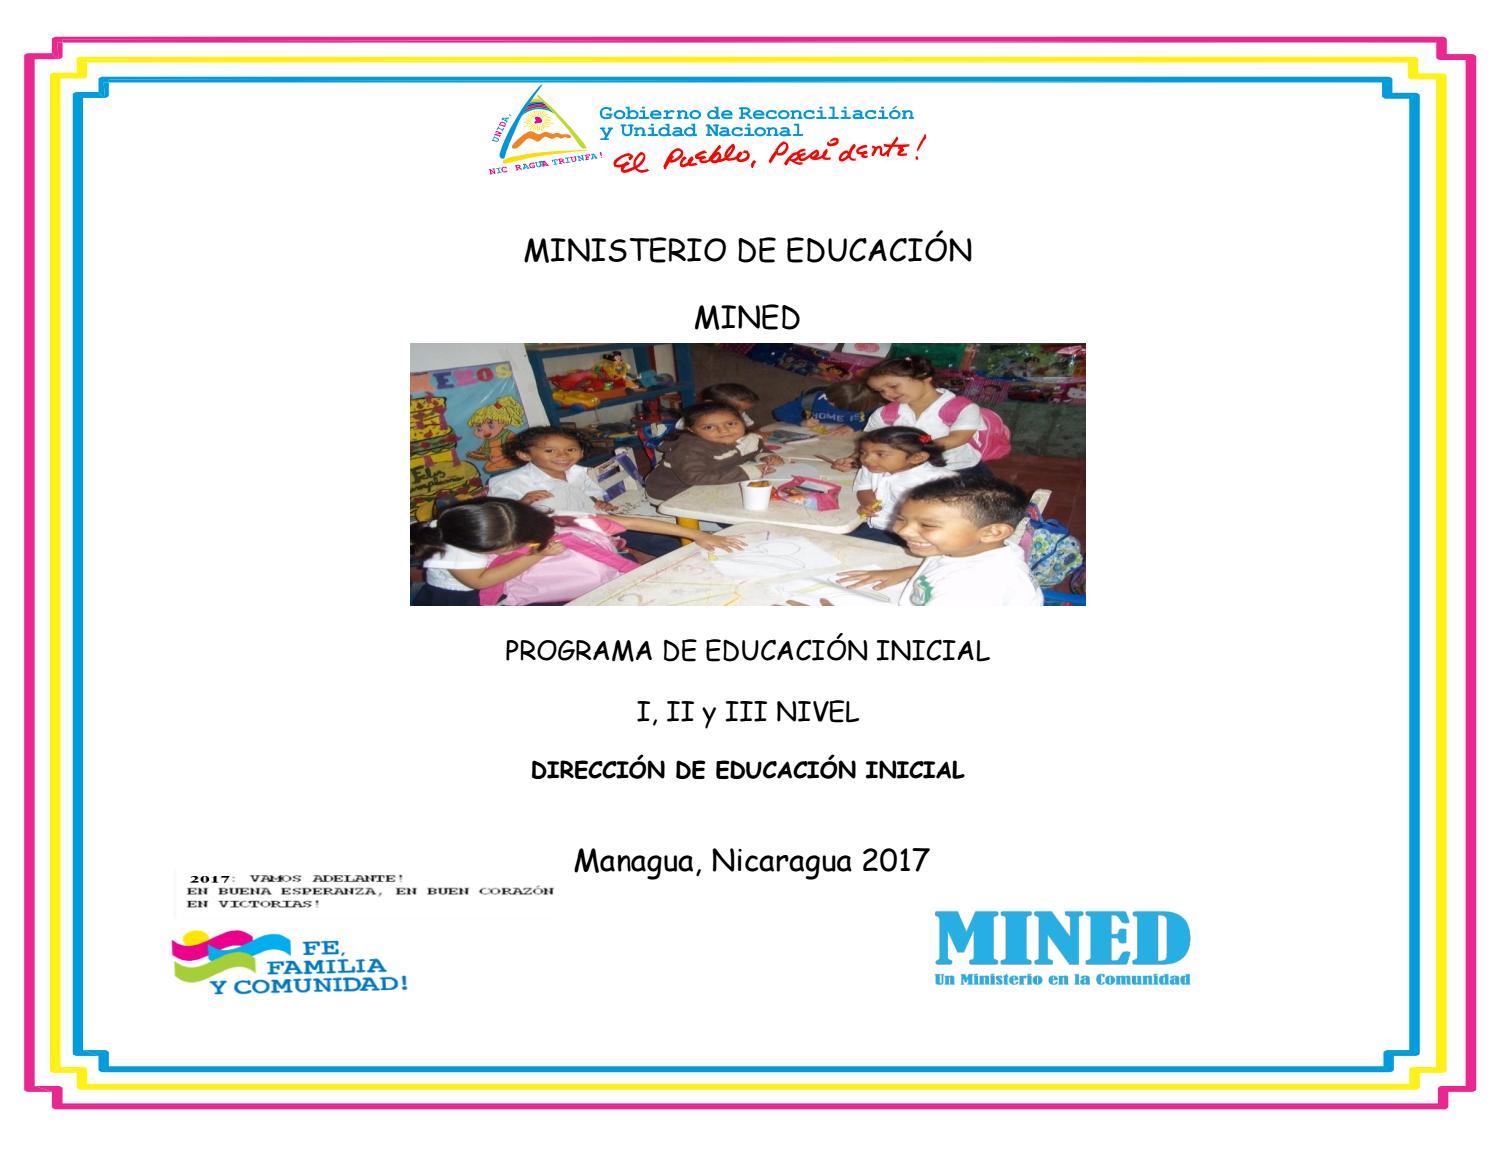 Programa de Educación Inicial I, II Y III Nivel by MINED Nicaragua - issuu